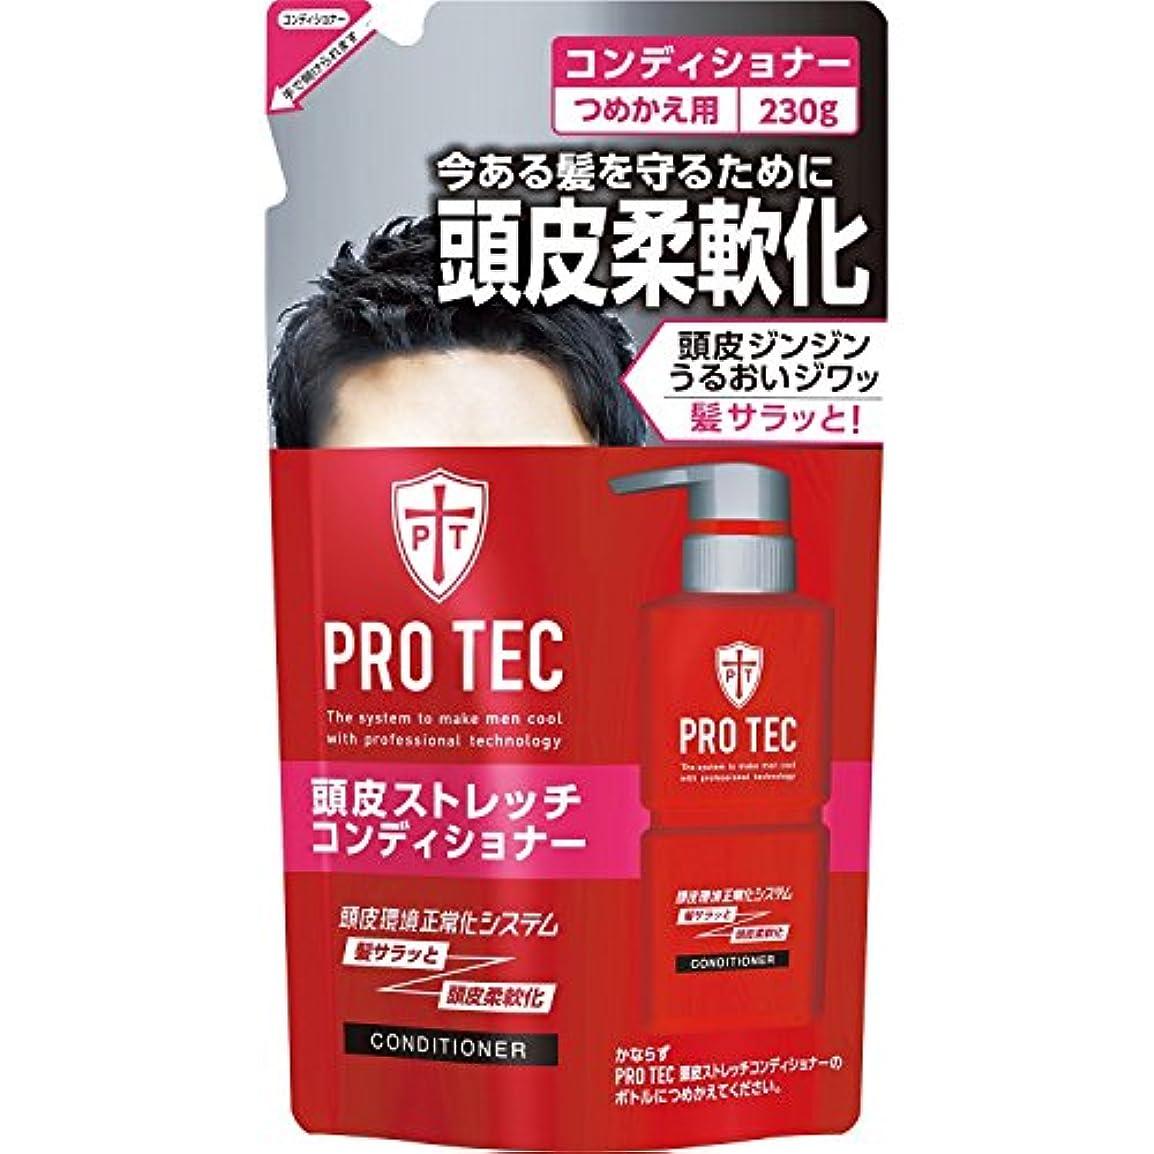 にもかかわらずアーティキュレーション退却PRO TEC(プロテク) 頭皮ストレッチコンディショナー つめかえ用 230g ×10個セット